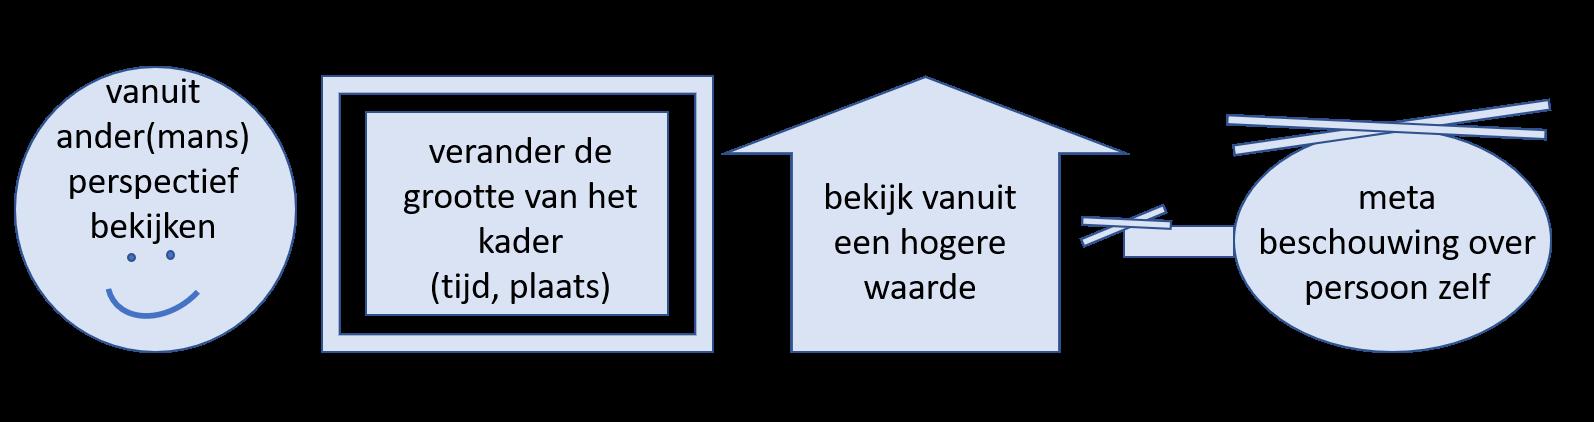 Kies voor de module die past bij een derde waarnemingspositie